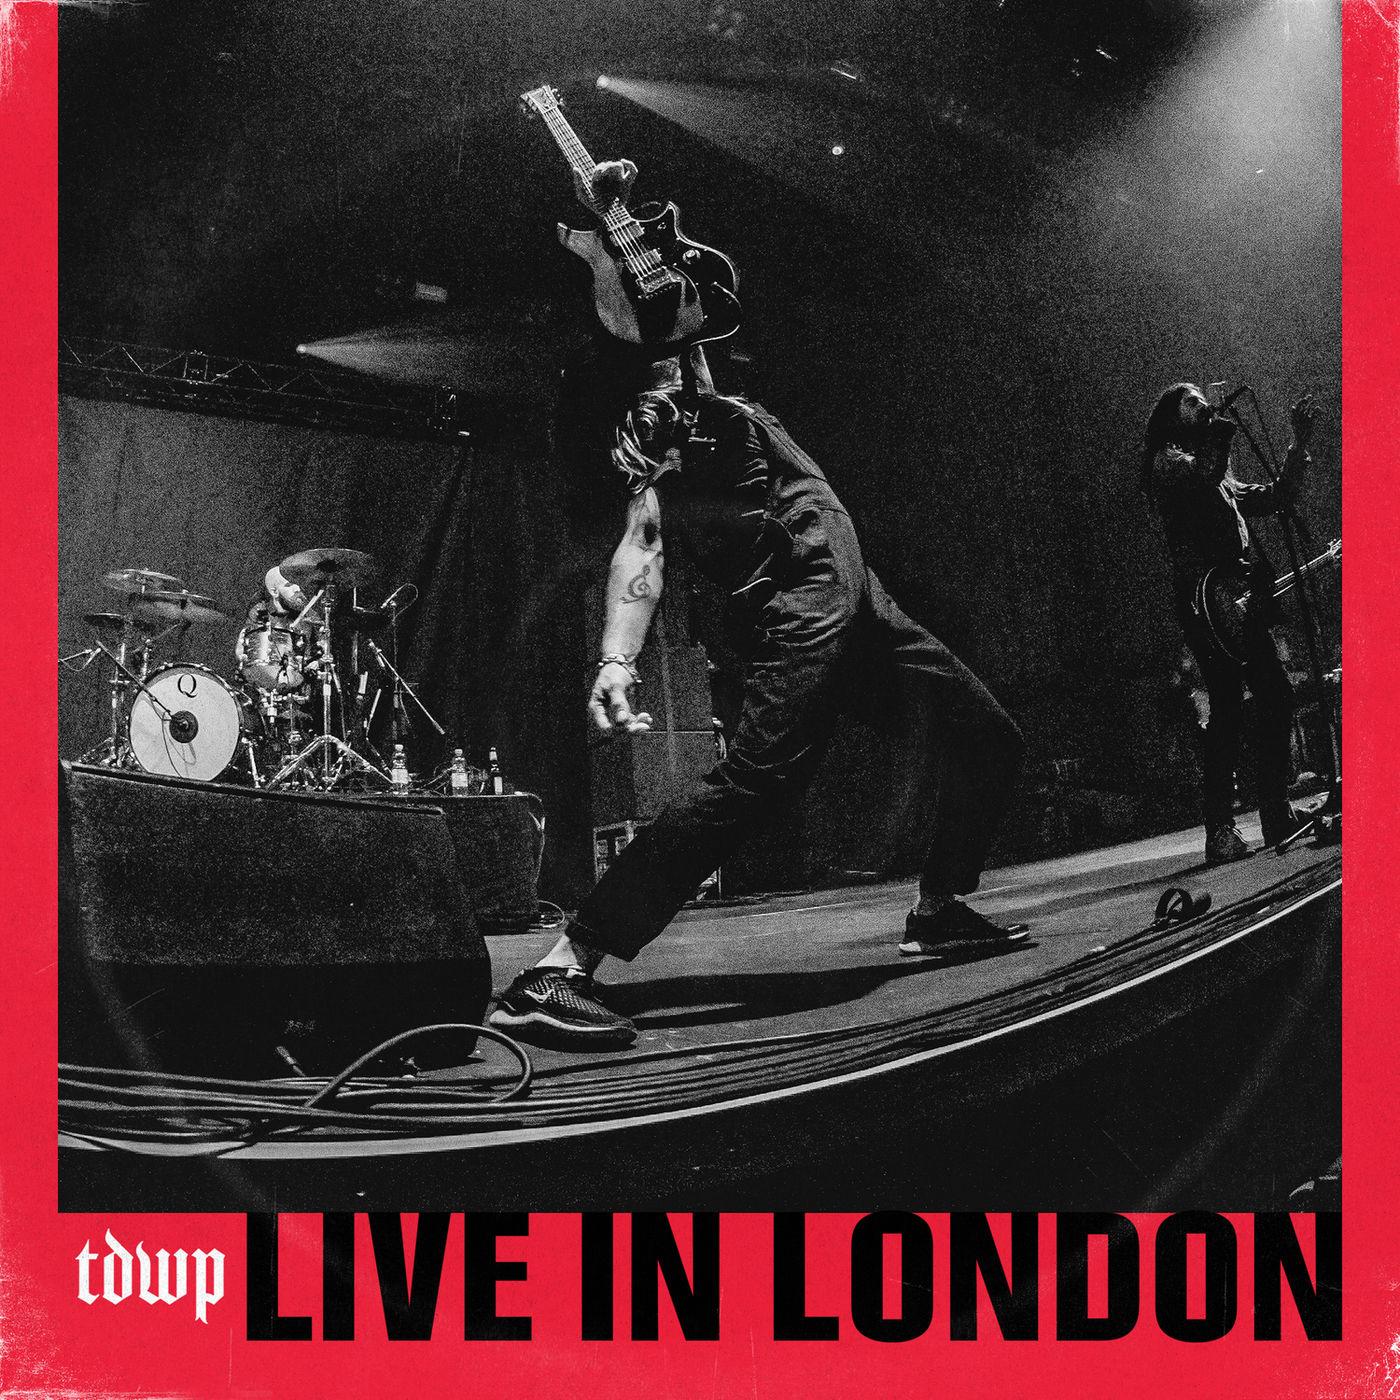 The Devil Wears Prada - Live in London (2020)